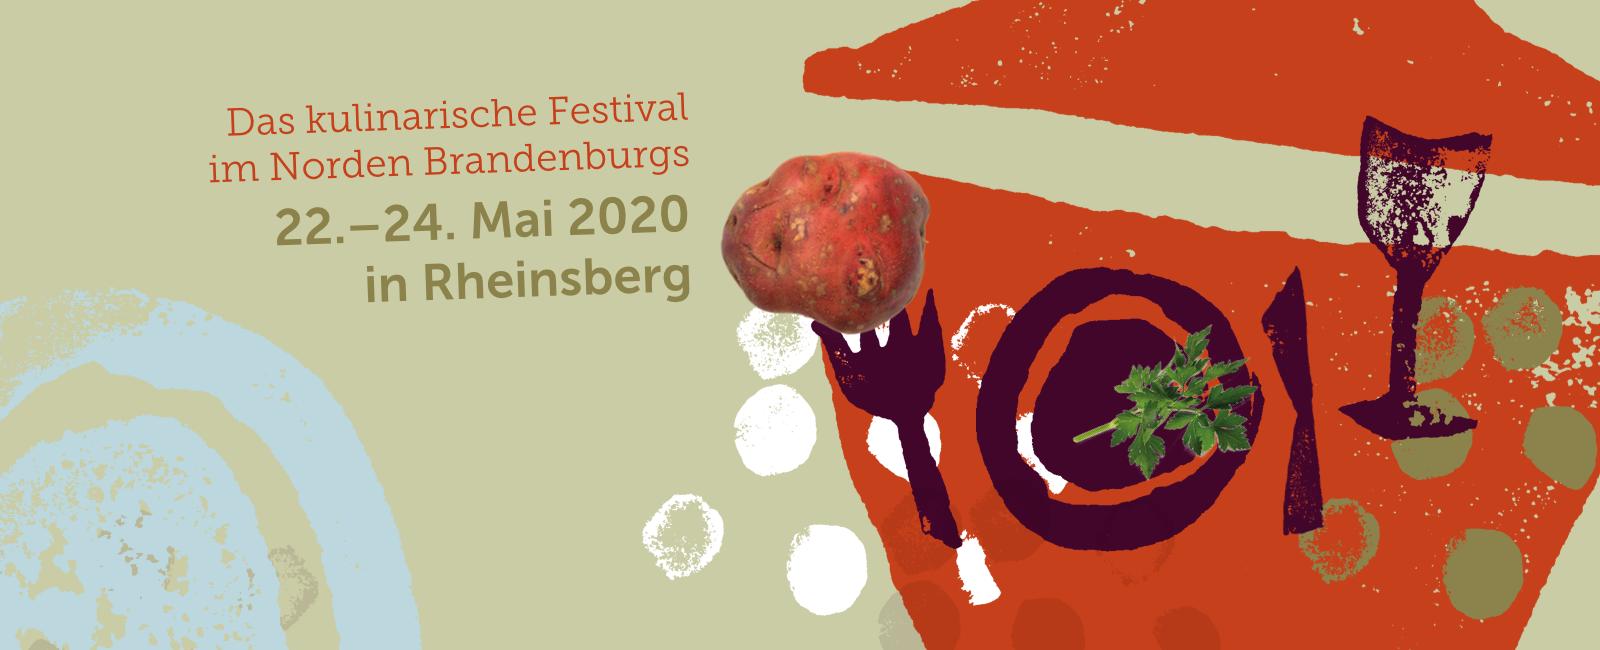 Banner-Solanum-Festival-2020_1